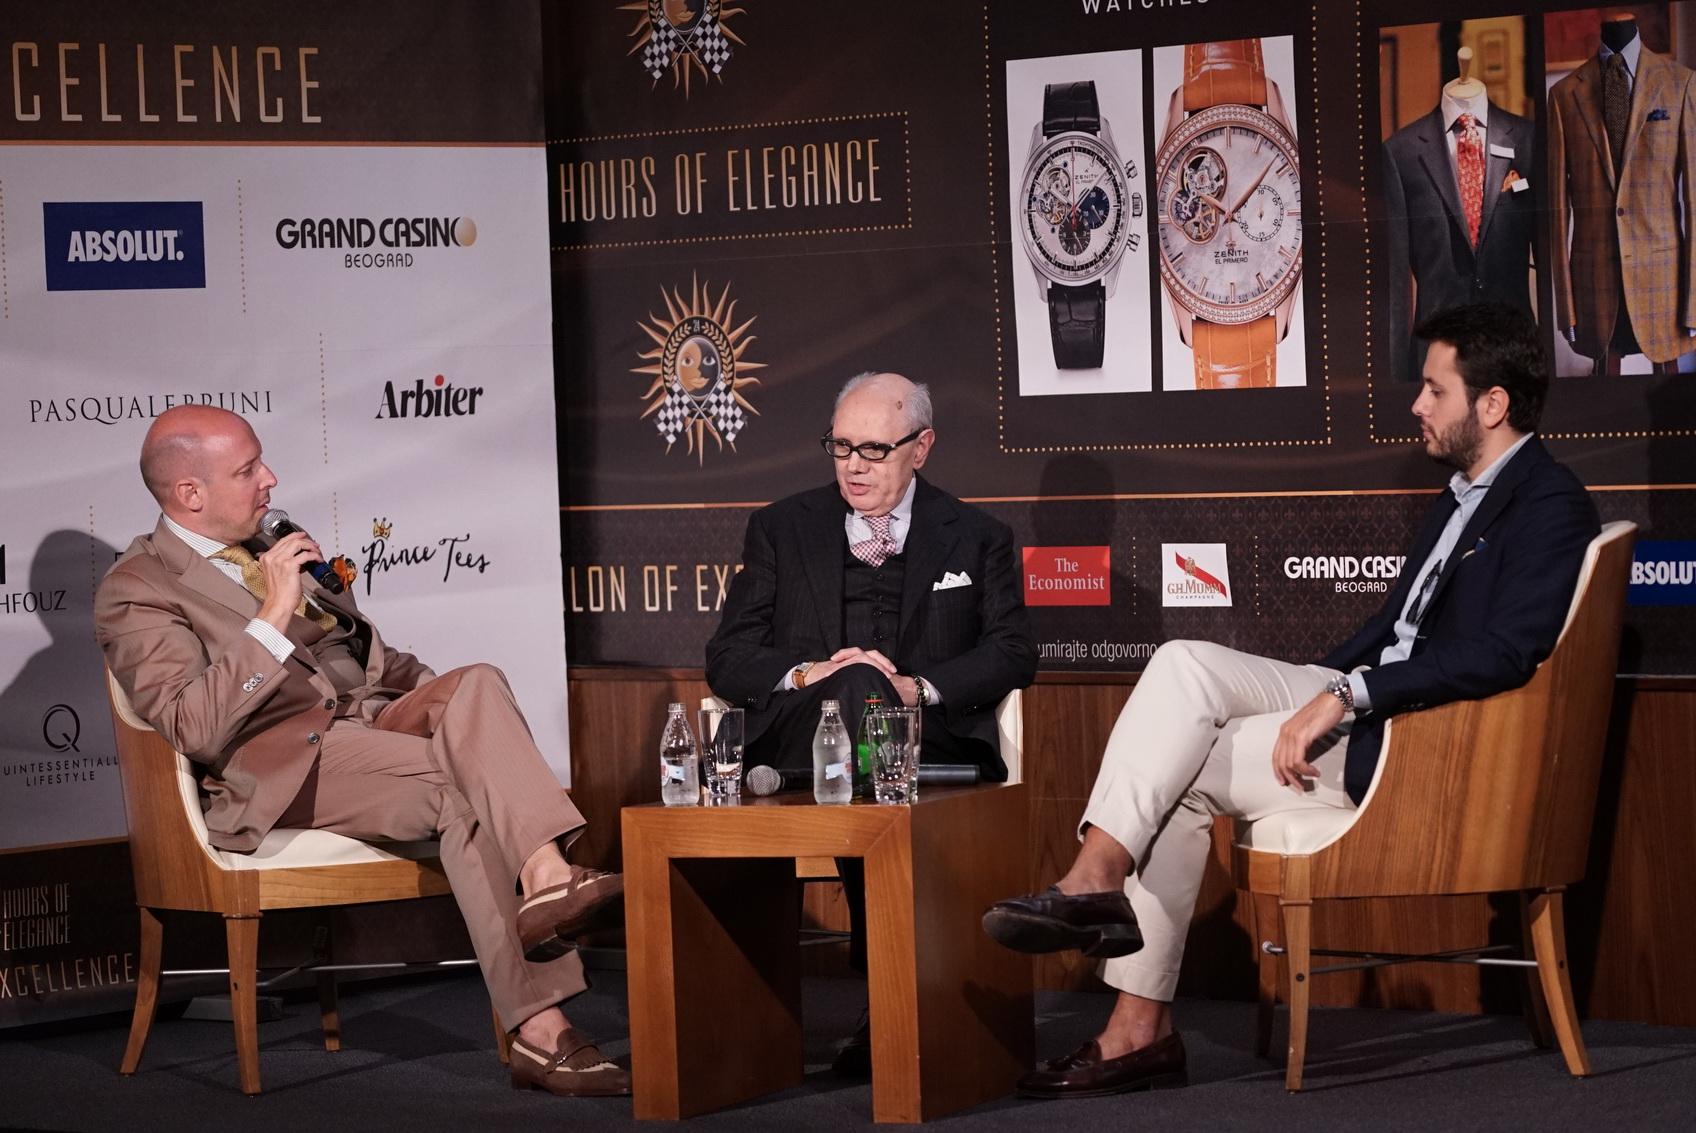 Antonio Liverano, famozni maestro elegancije iz Firenze i najpoznatiji italijanski blogger Fabio Attanasio iz Bespokedudes.com